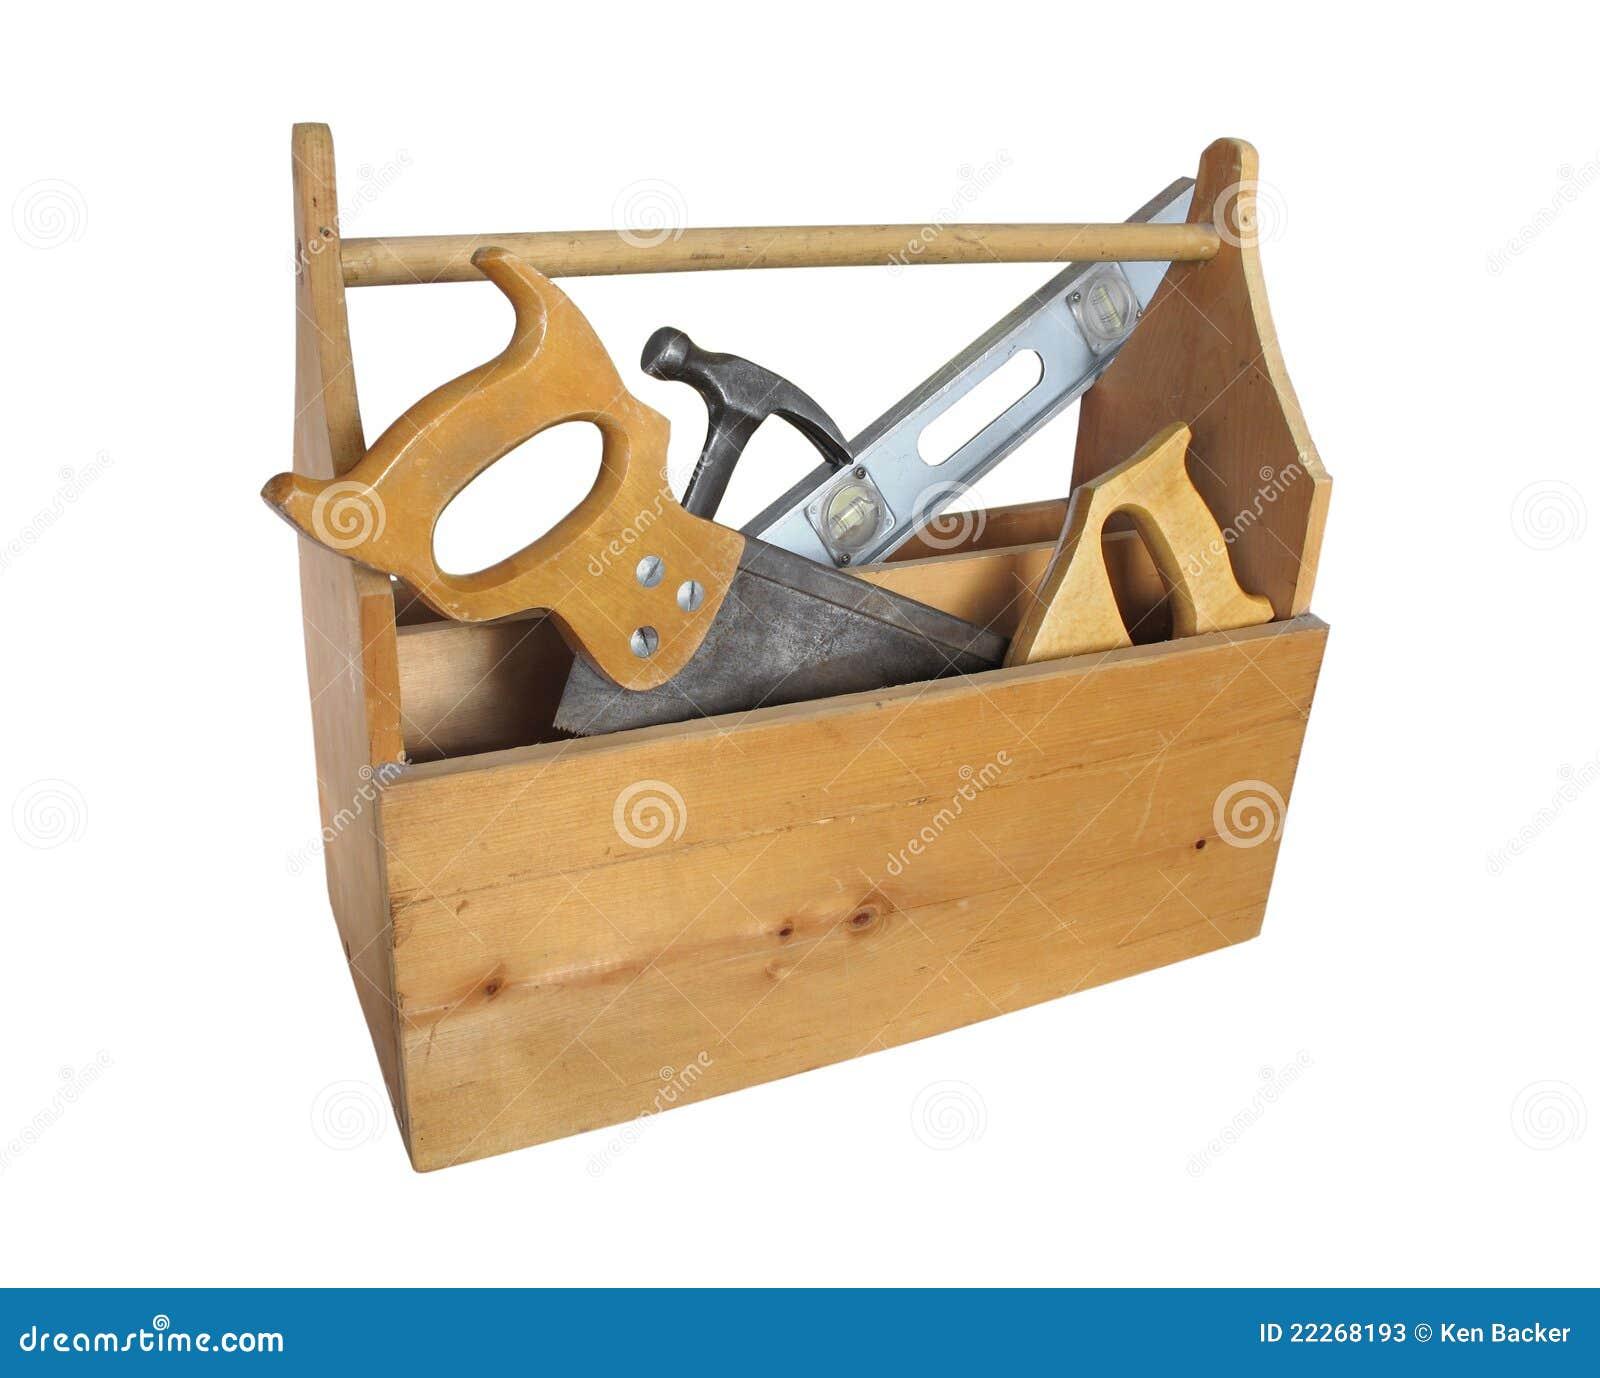 Caja de herramientas de madera con las herramientas imagen - Caja con herramientas ...